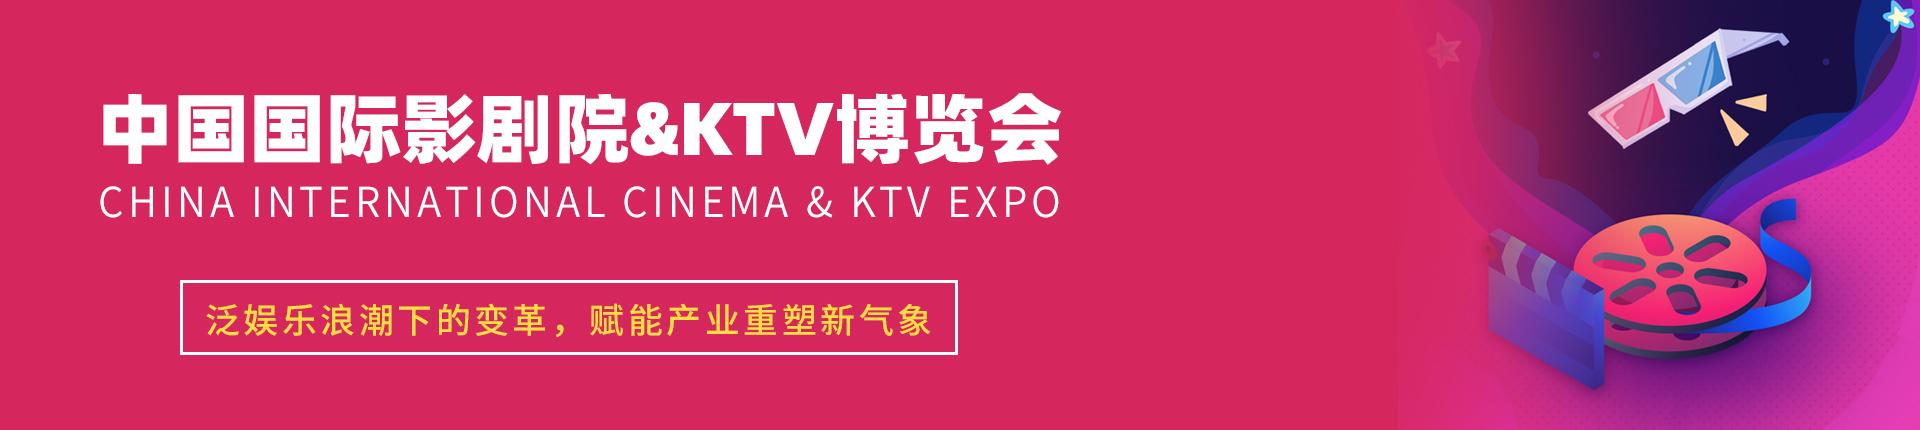 云展·中国国际影剧院&KTV博览会